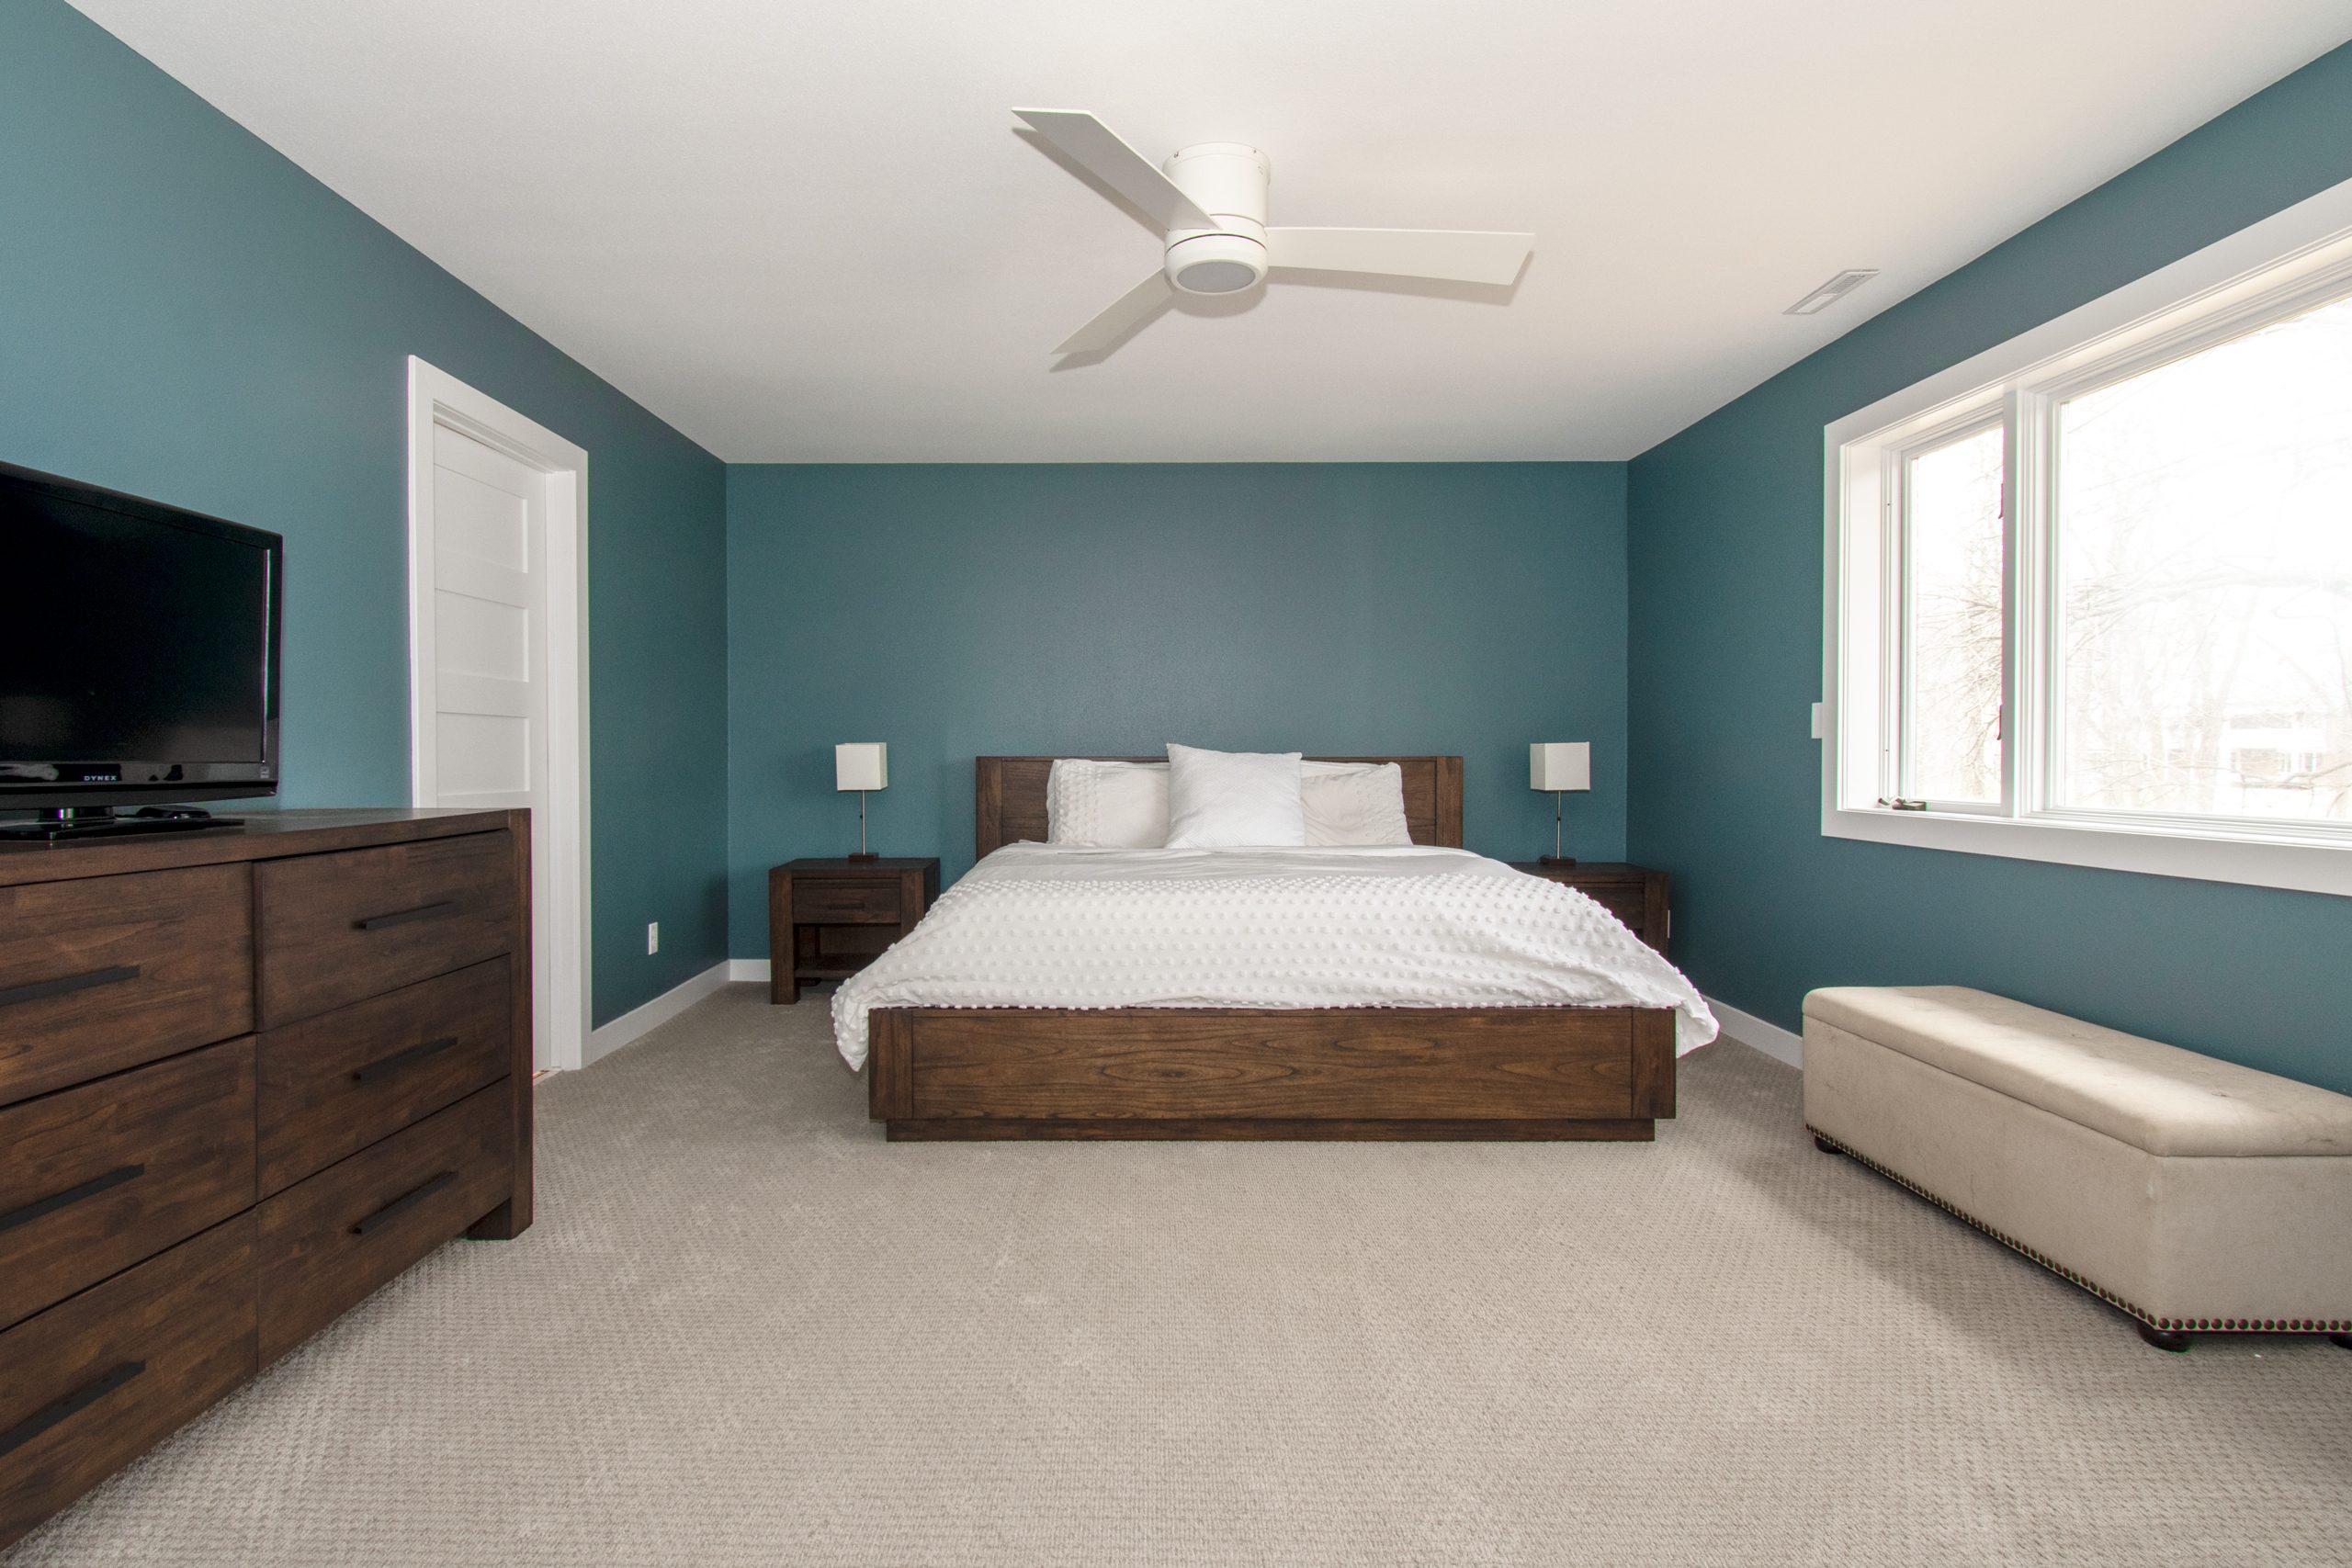 Delafield master suite bedroom and bathroom